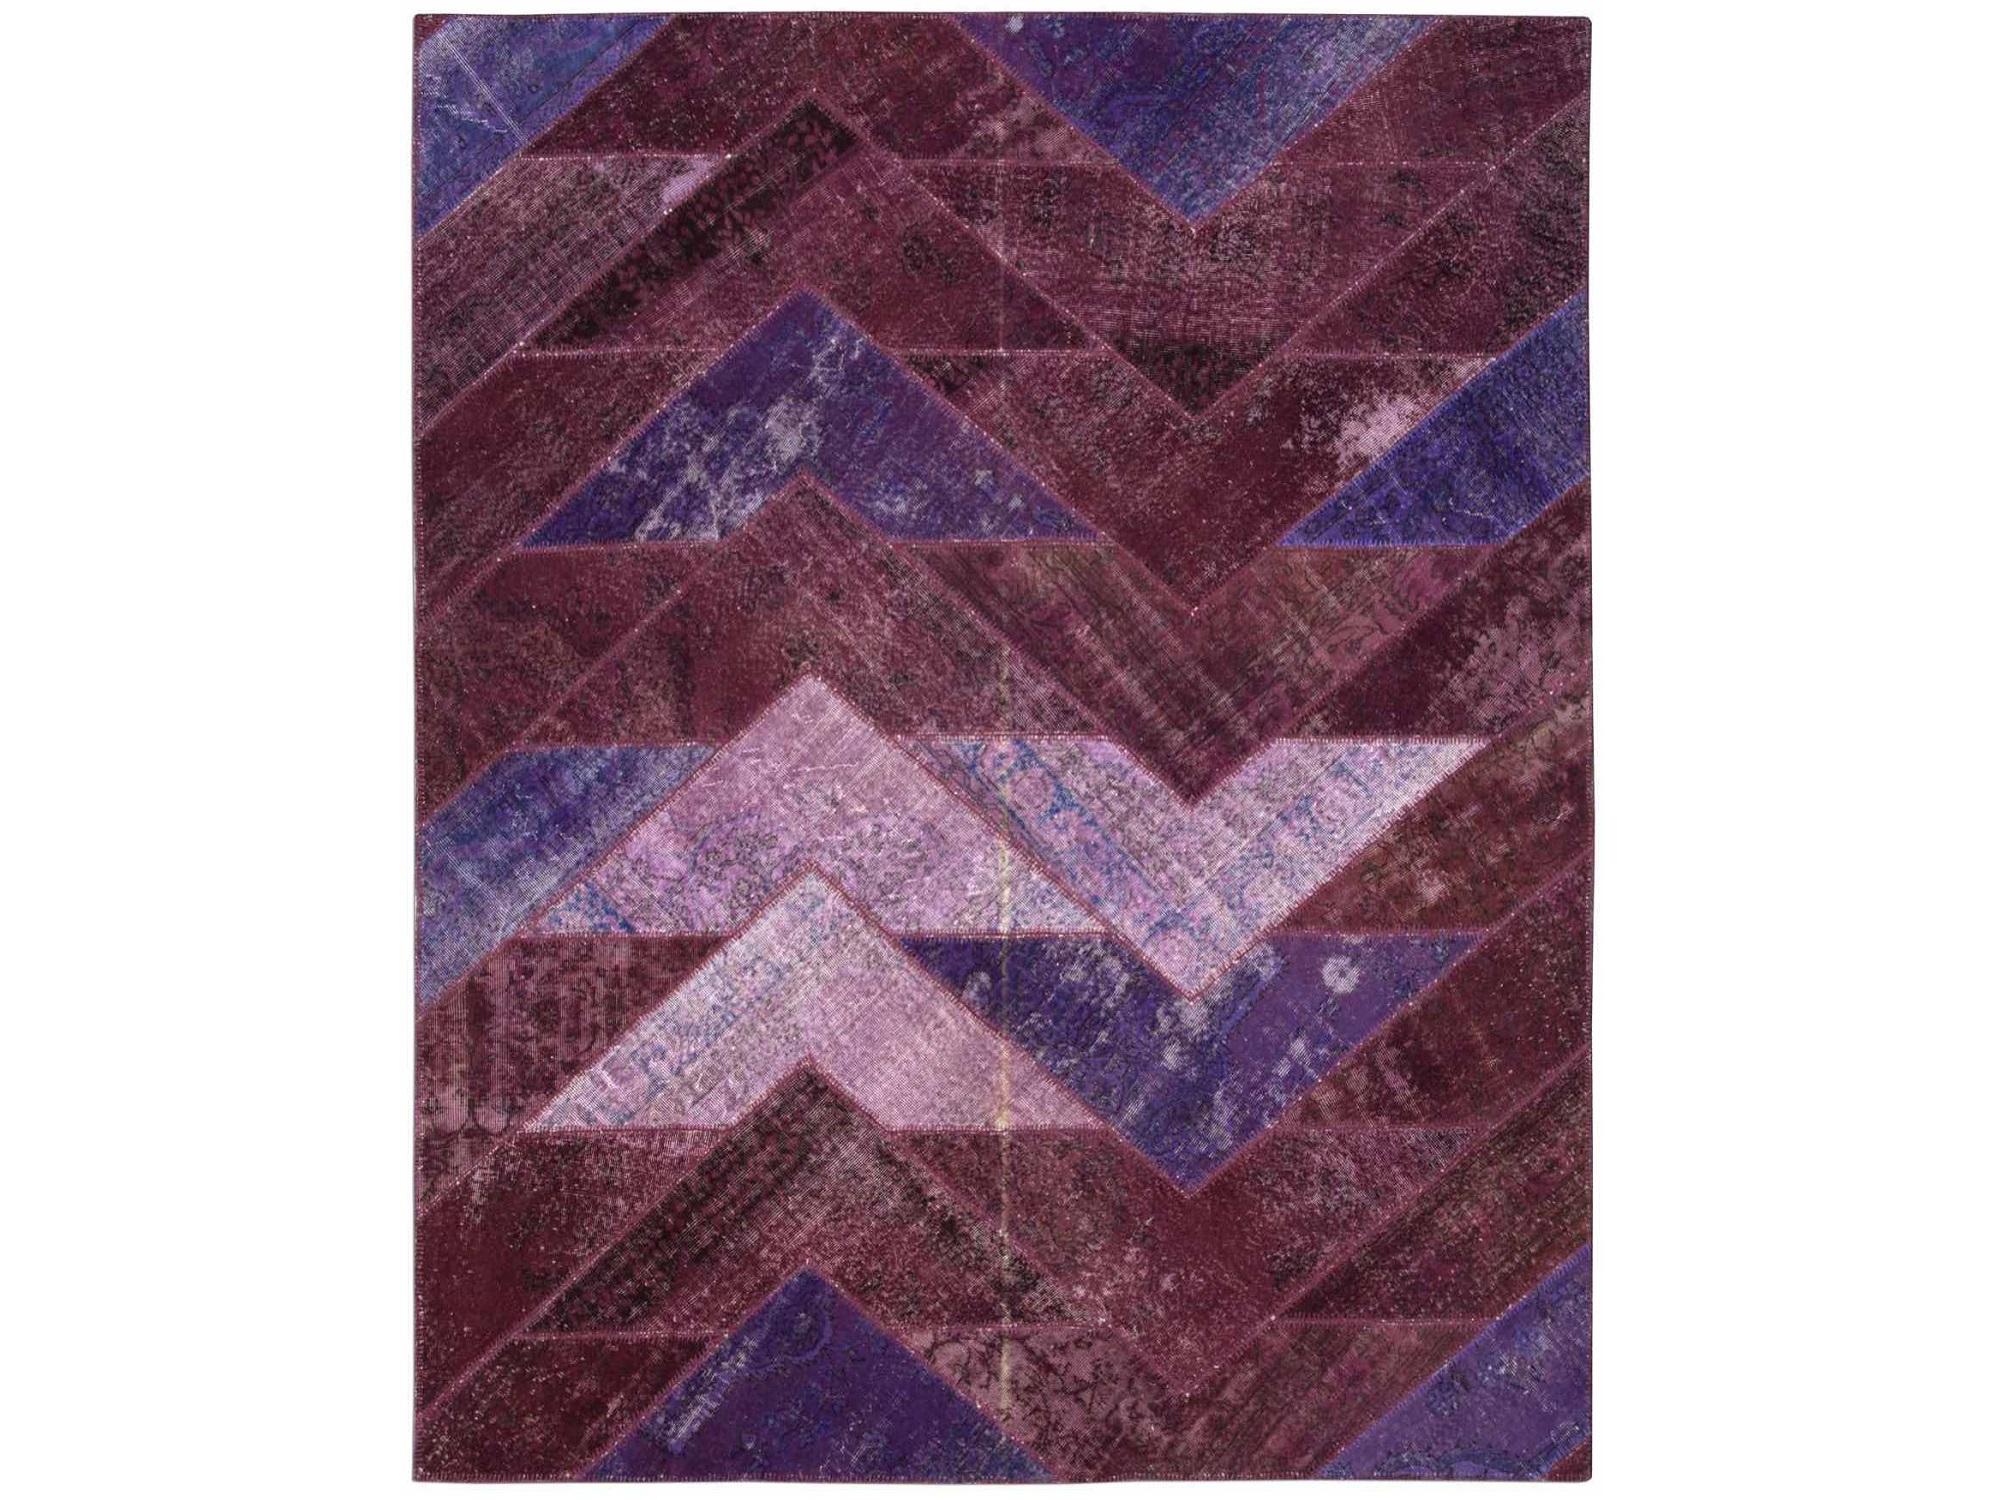 Ковер PatchworkПрямоугольные ковры<br>Винтажный ковер ручной работы в стиле &amp;quot;пэчворк&amp;quot; <br>из 100% шерсти. Ковер прекрасно подходит в <br>любые современные и классические интерьеры, <br>а благодаря толщине ковра всего 5 мм. и отсутствию <br>ворса, его легко чистить любыми видами пылесосов. <br>Этот настоящий ковер ручной работы не потеряет <br>своих красок и будет служить десятилетия.<br><br>Material: Шерсть<br>Ширина см: 249<br>Глубина см: 309